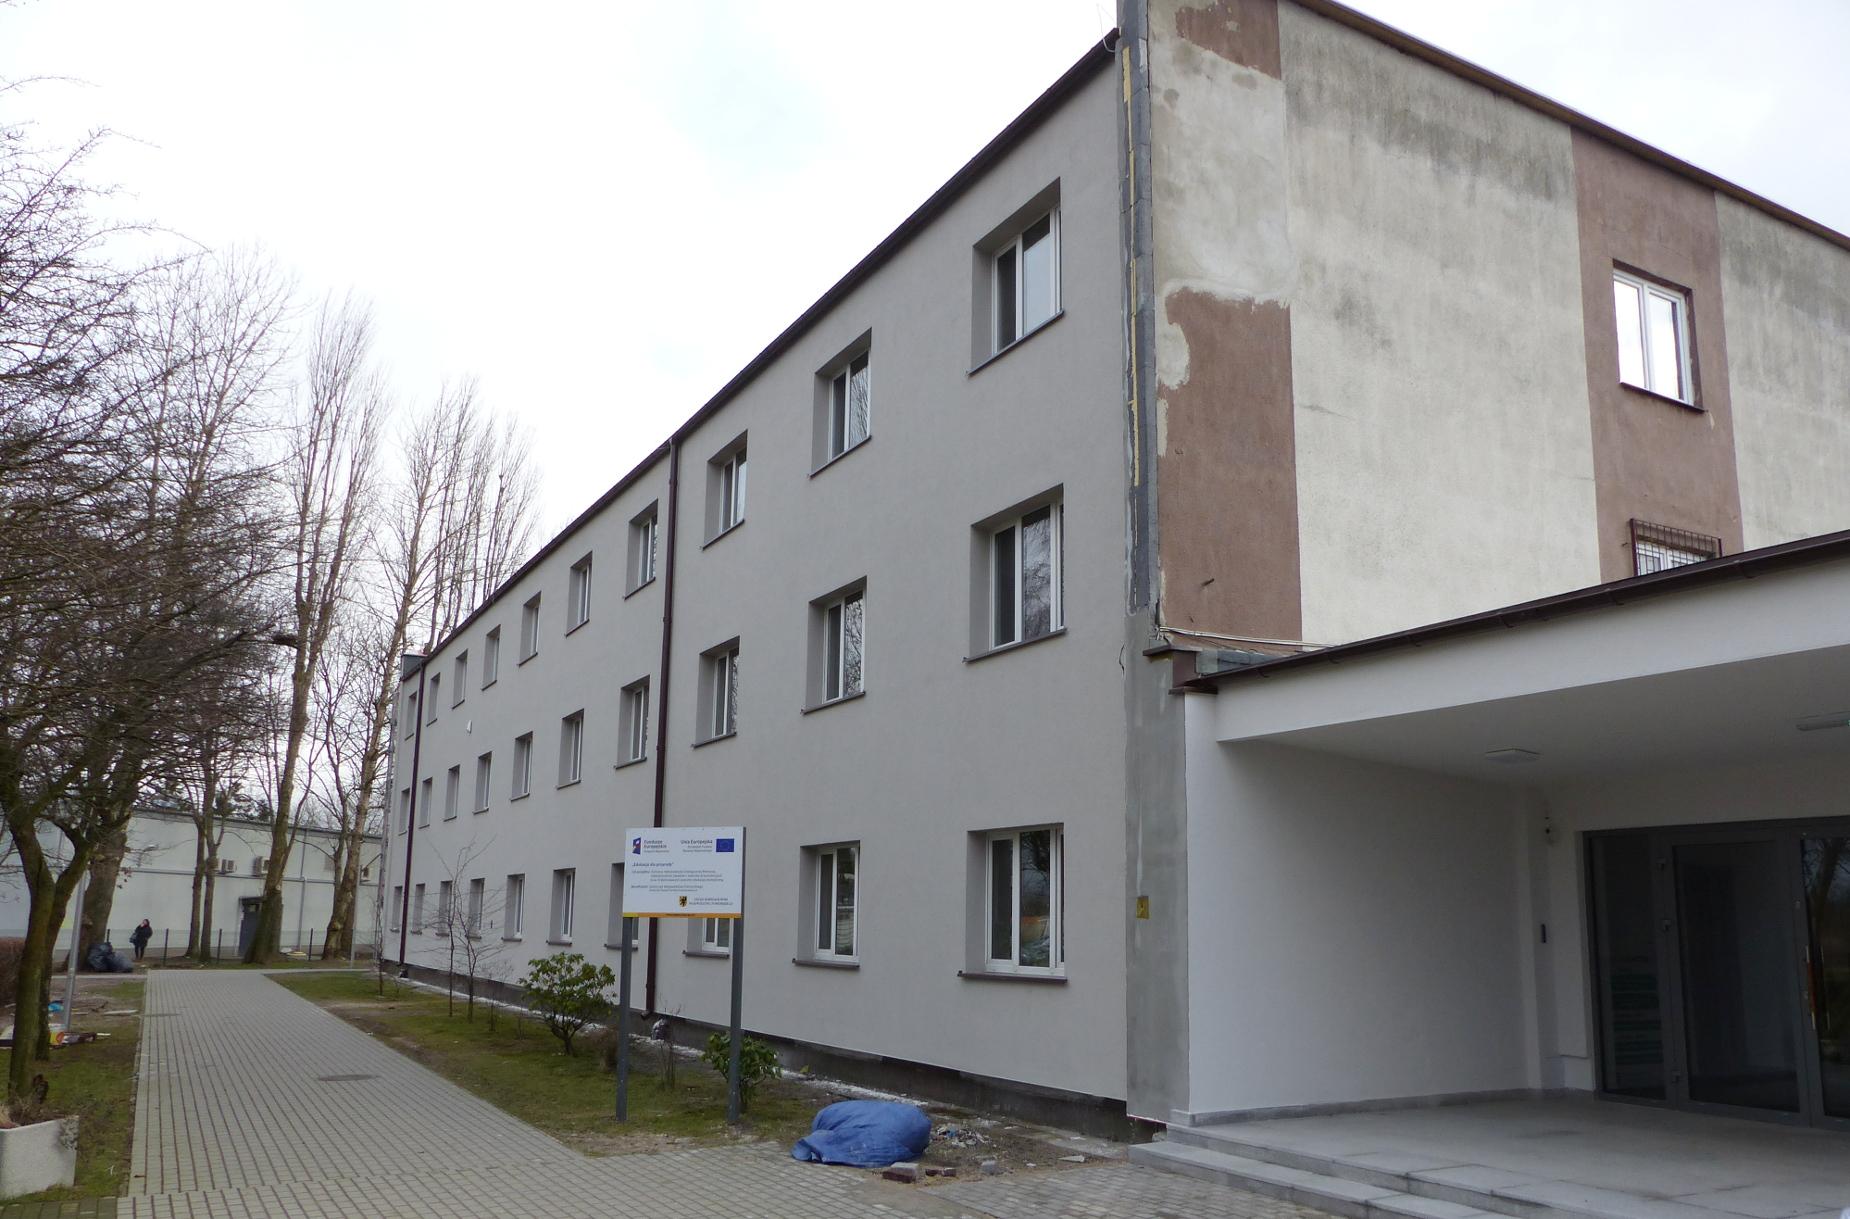 Będzie cieplej i oszczędniej. Na jakim etapie jest termomodernizacja budynków zarządu parków krajobrazowych w Słupsku? [ZDJĘCIA]